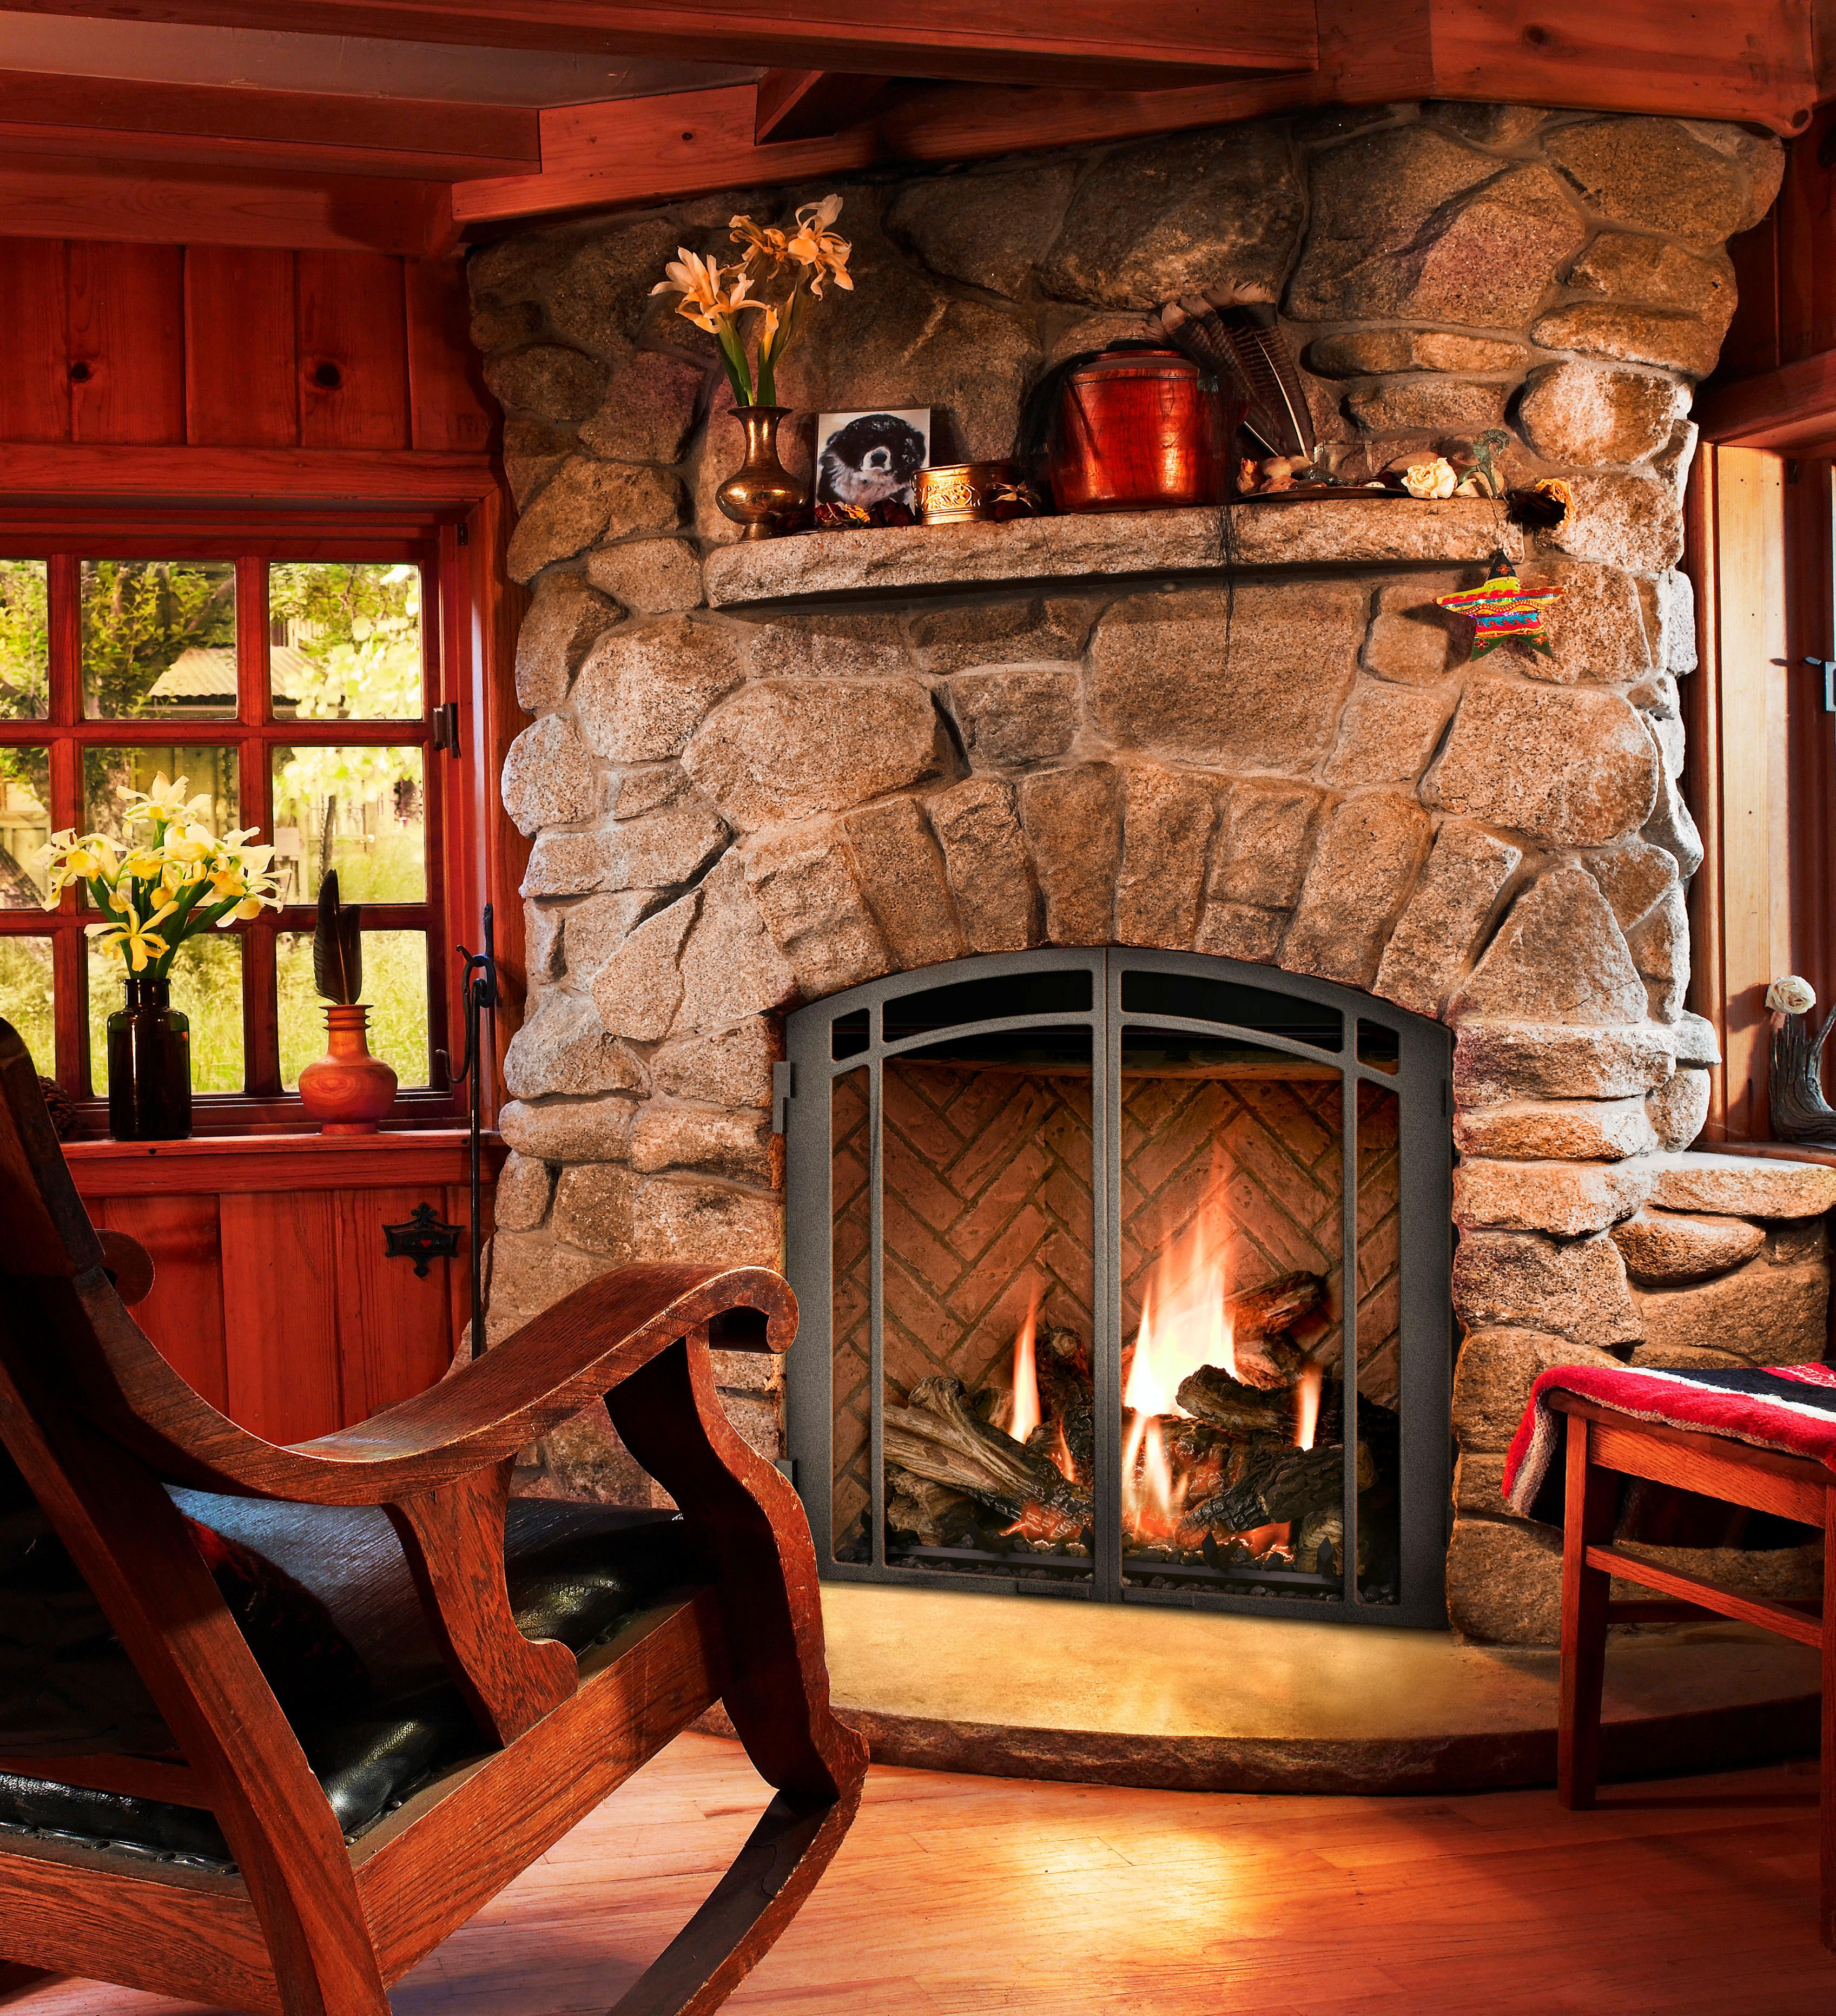 Fullview Mendota Fireplace Fireplace Design Outdoor Fireplace